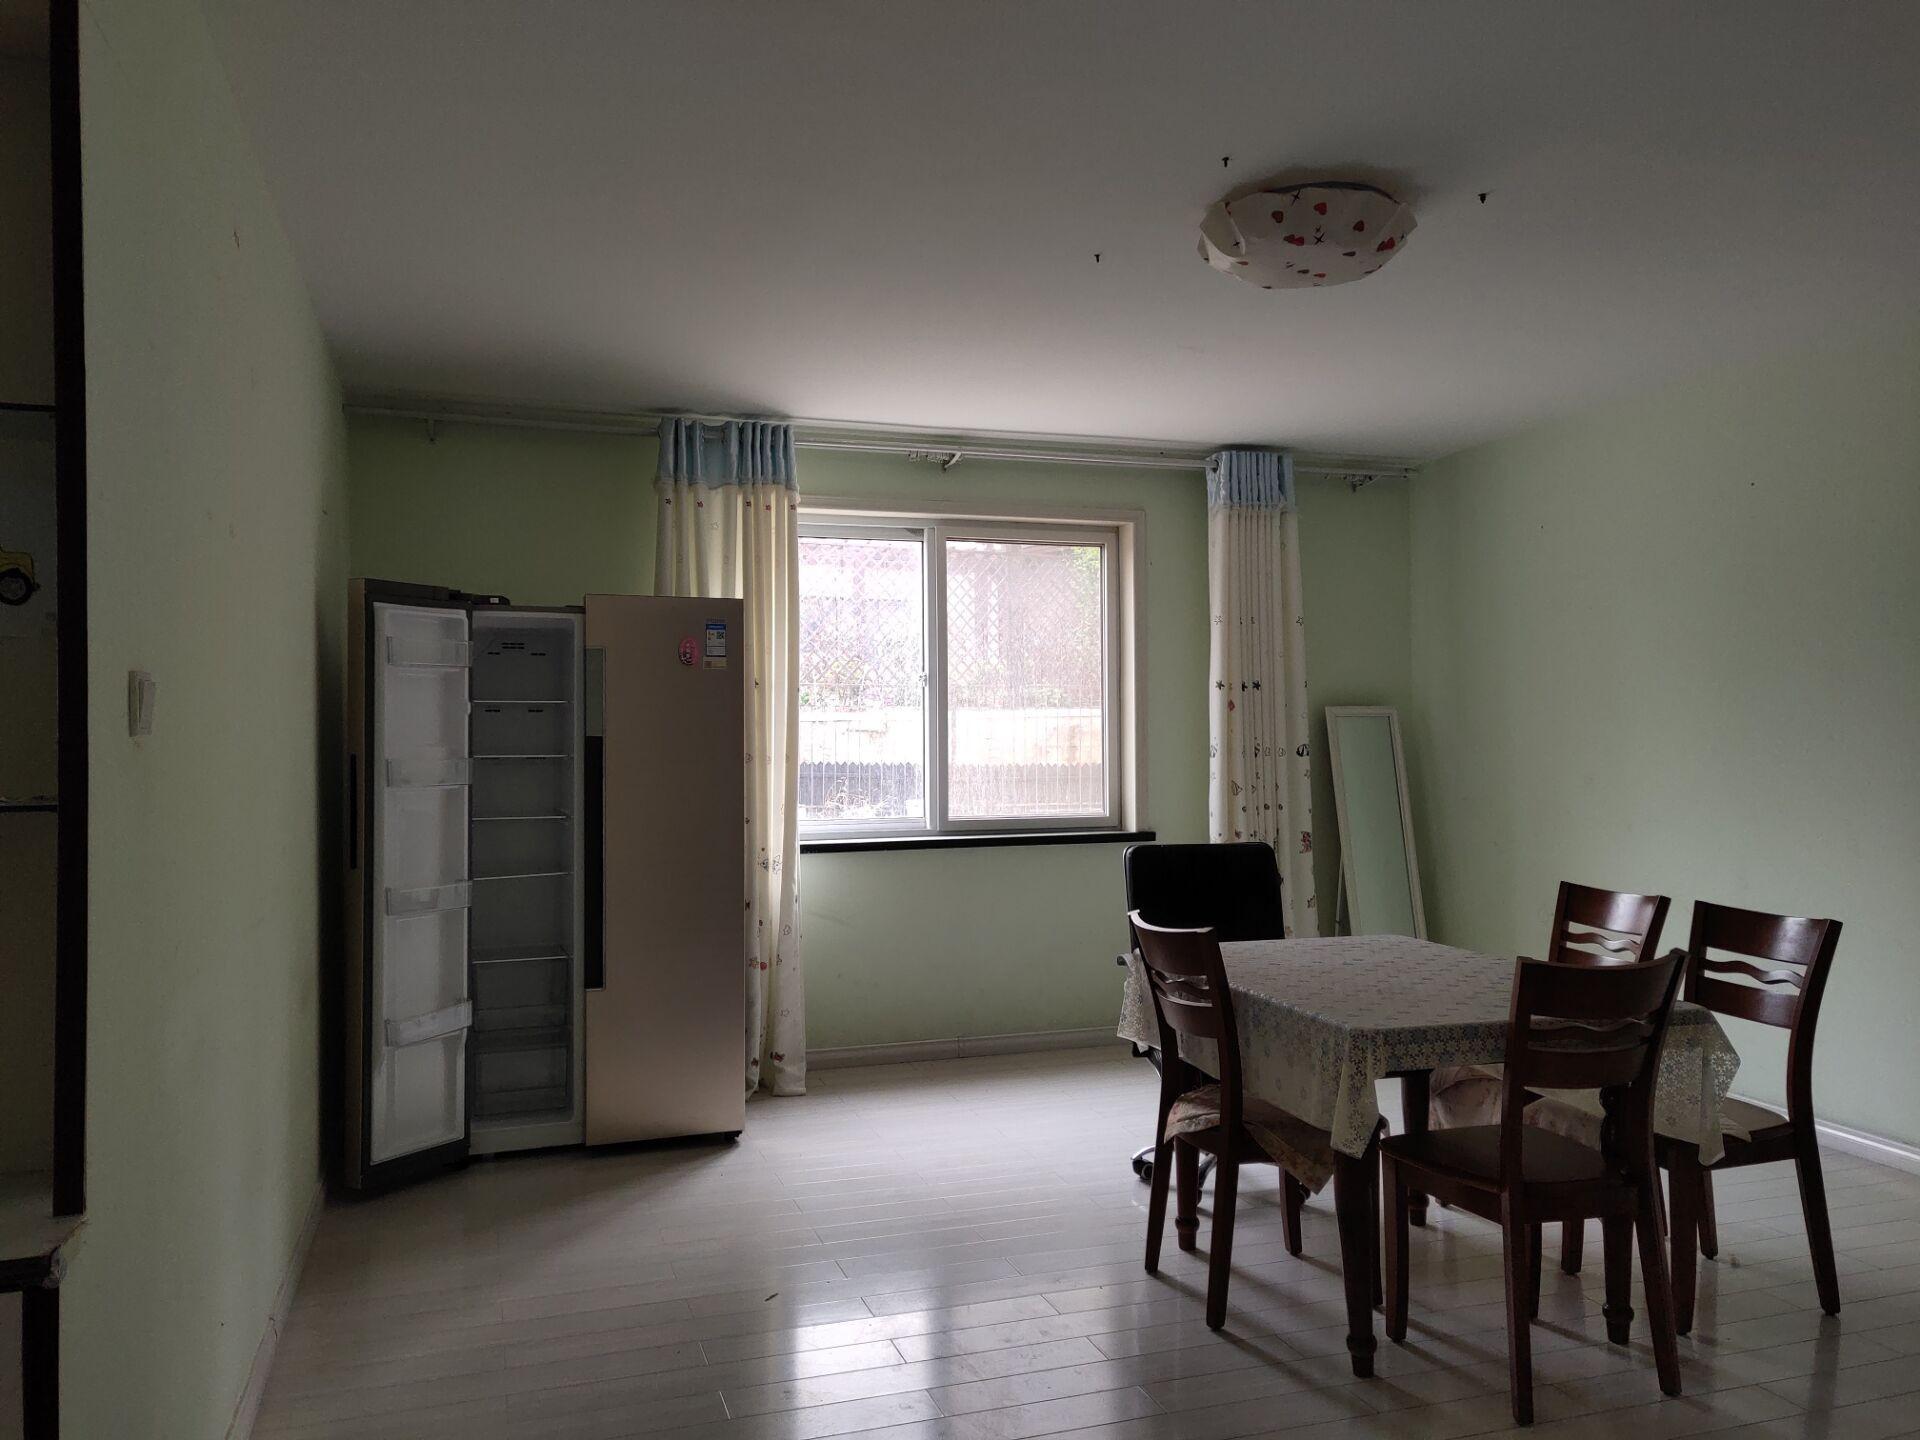 孙家疃山海华府精装2室带部分家电106平2楼月租900元